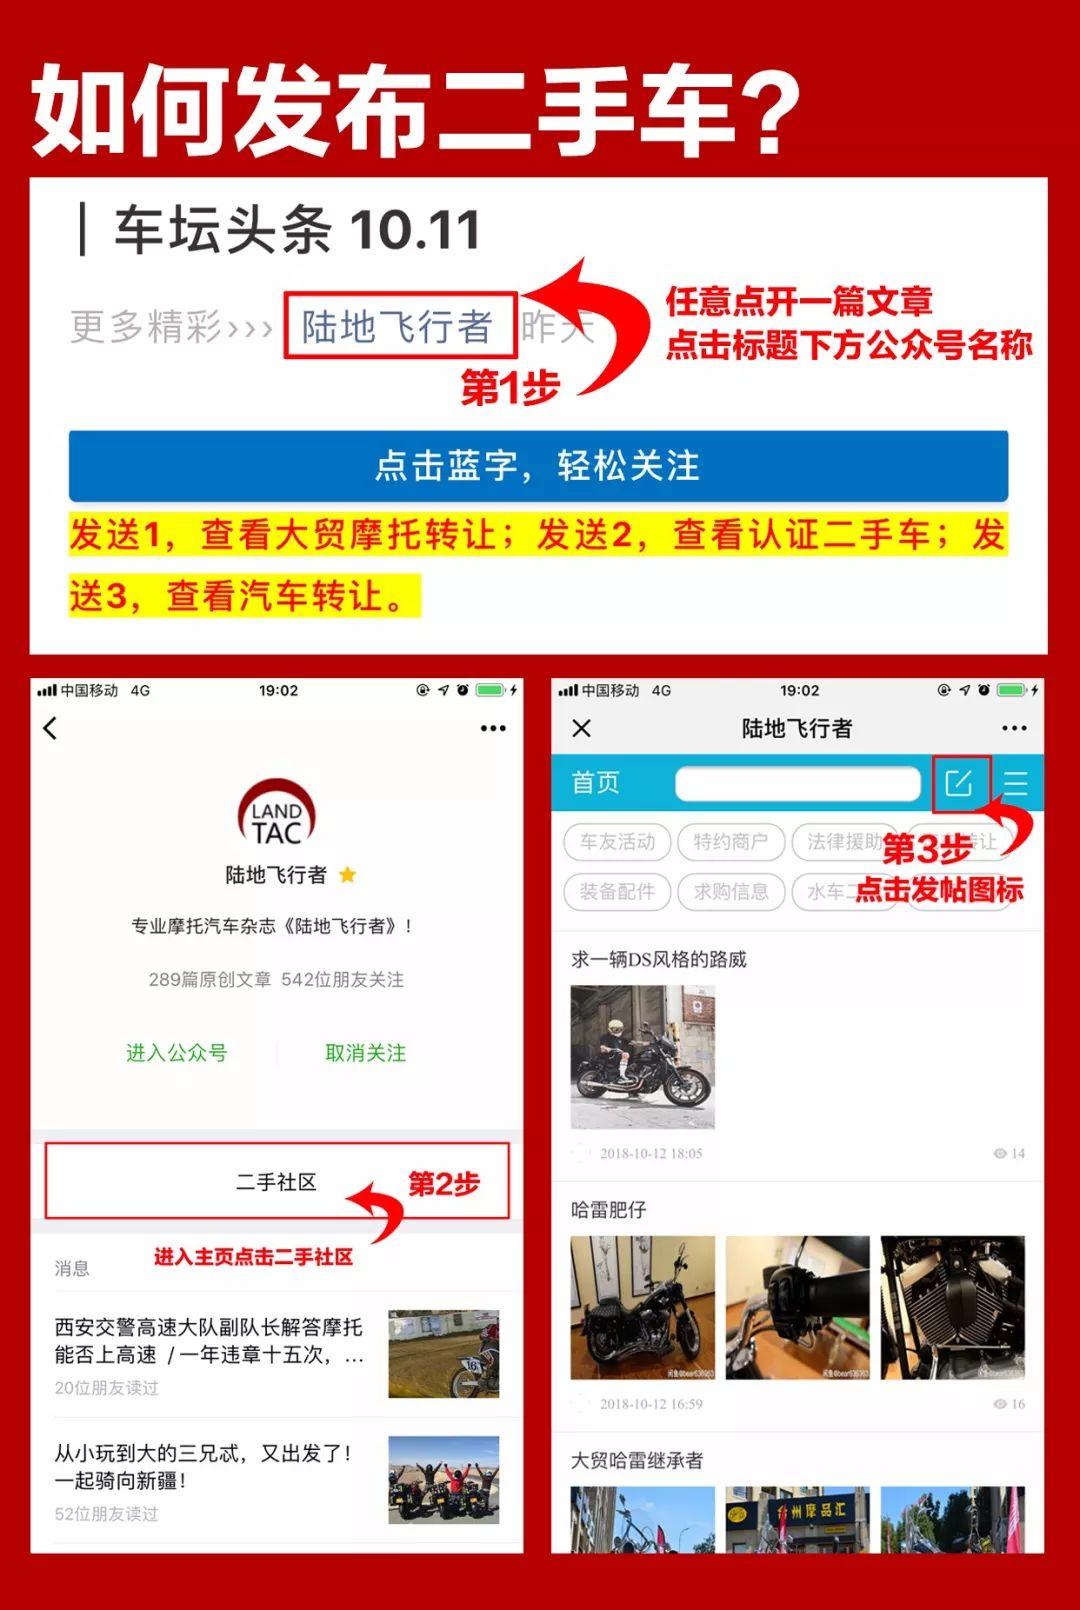 转让 | 广东揭阳标致姜戈,国4水冷LTC插图(4)